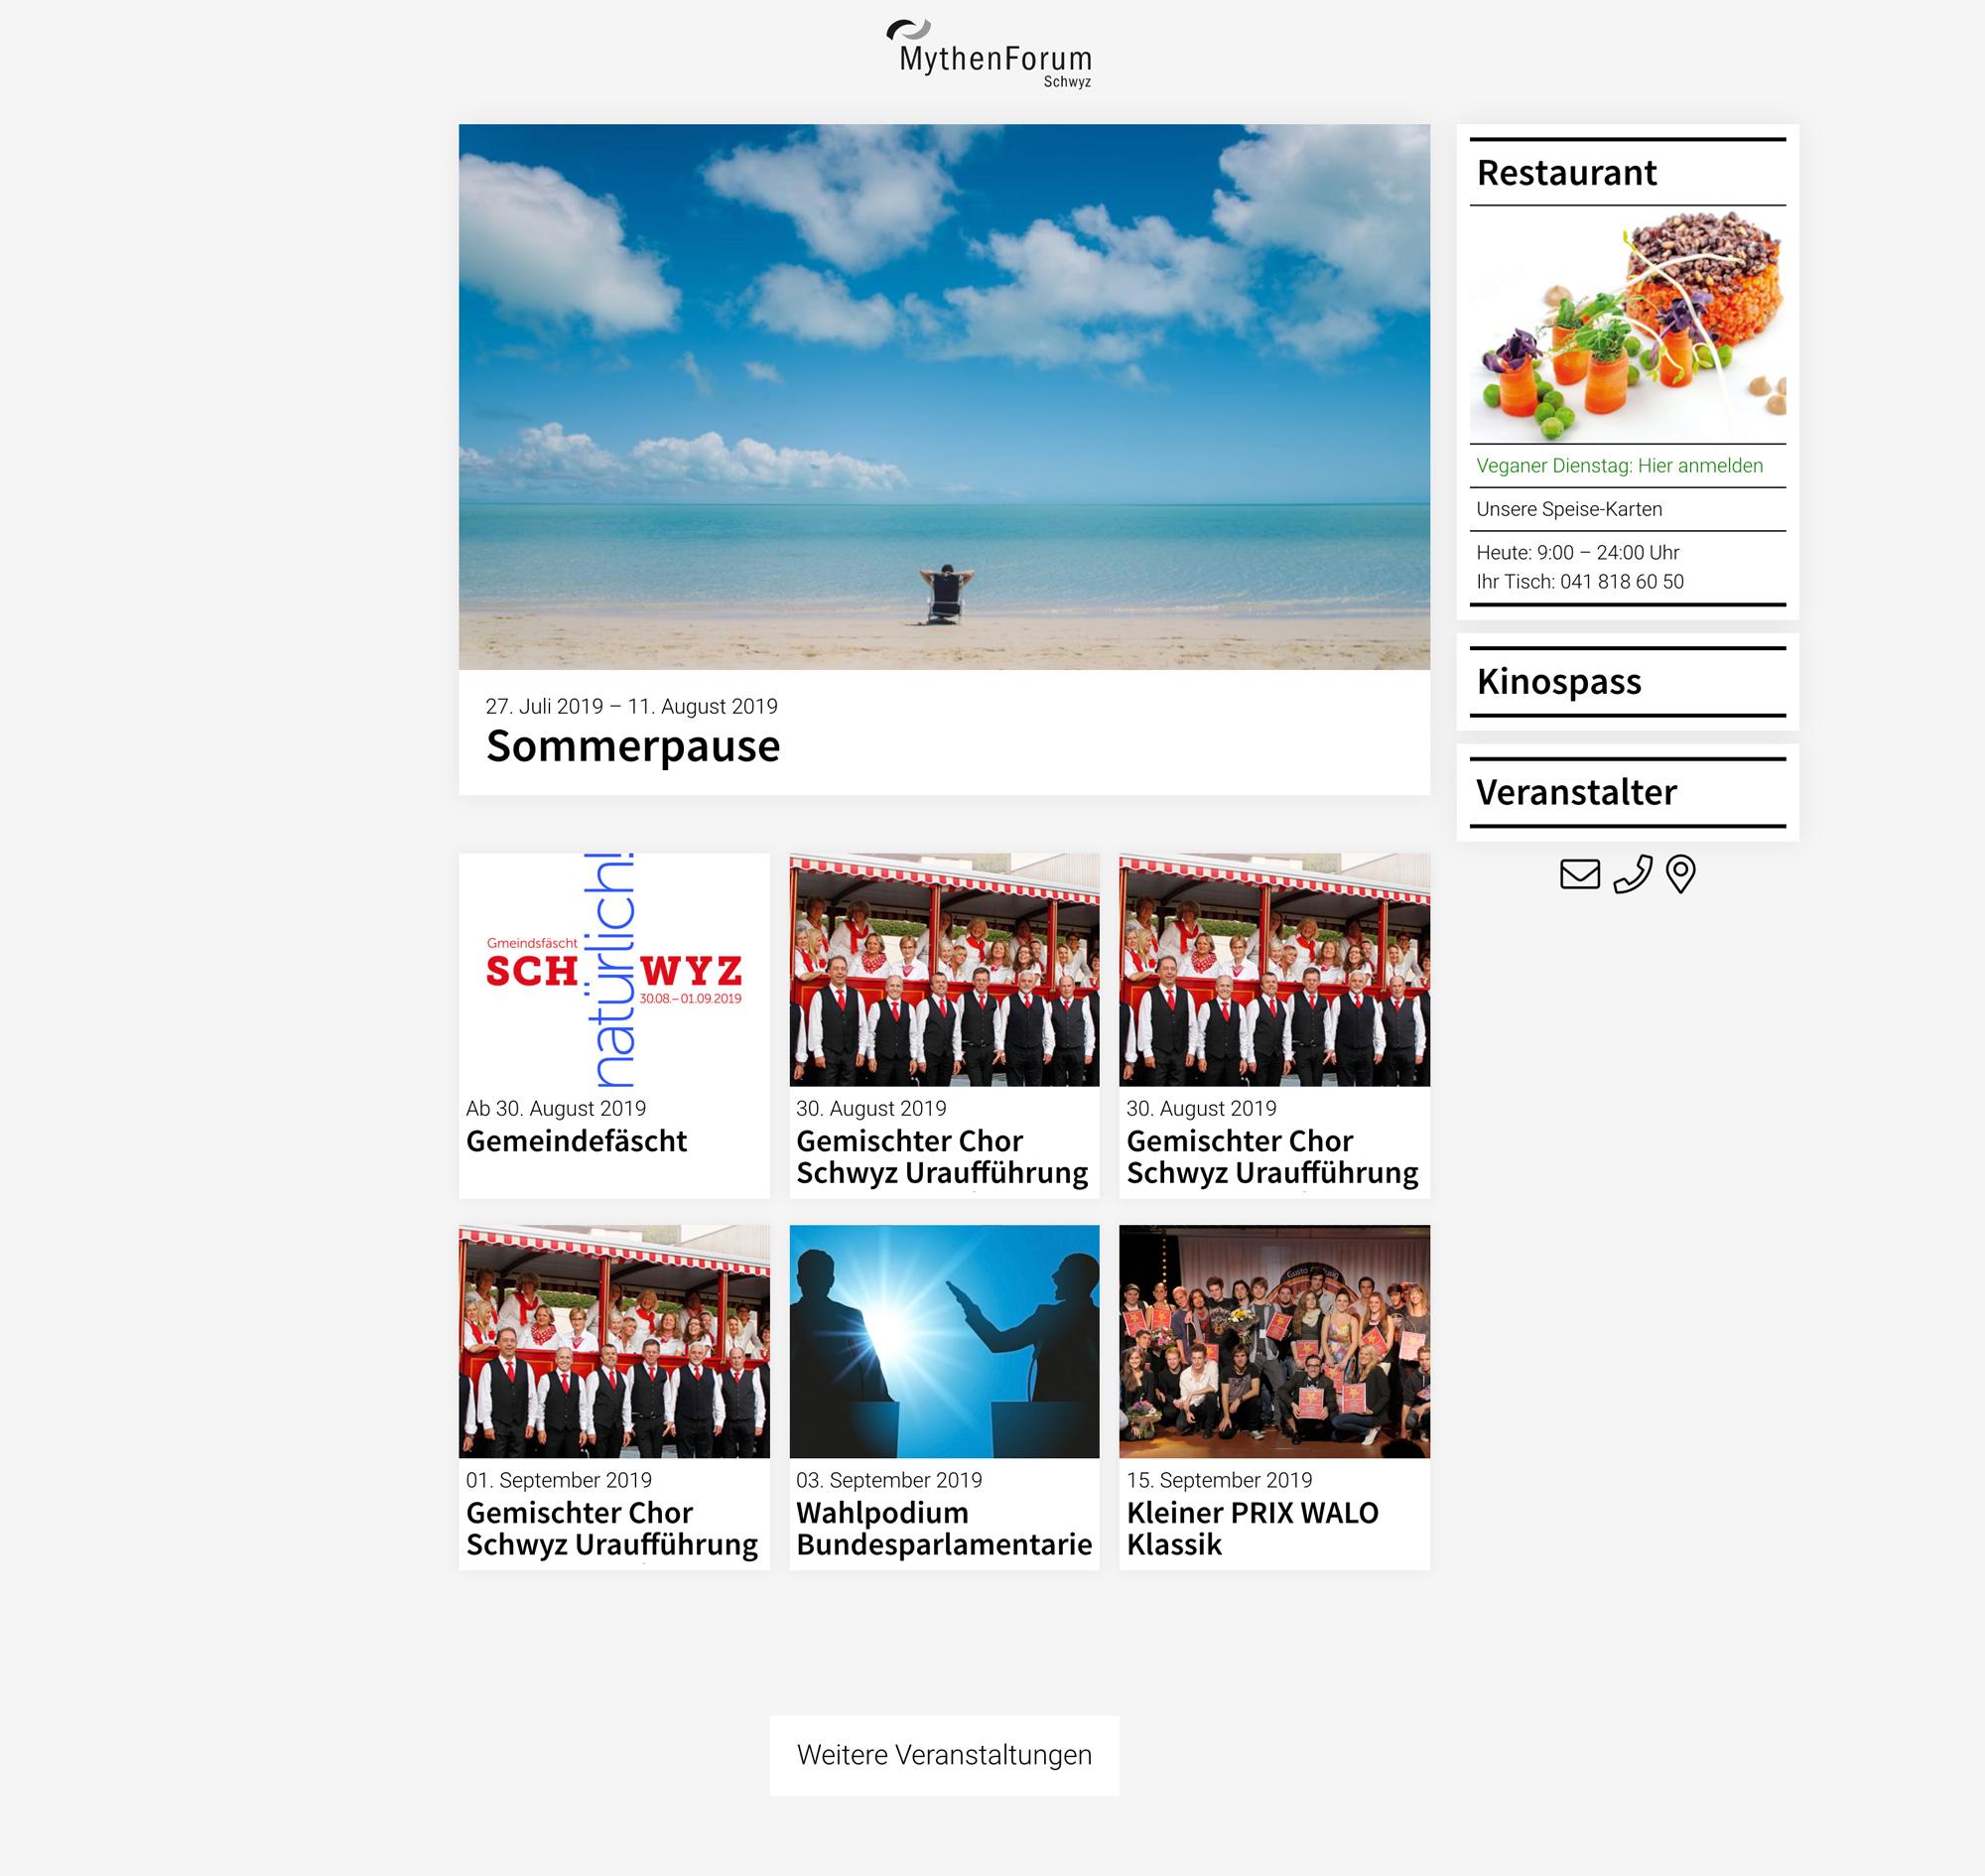 Startseite der Webpräsenz MythenForum